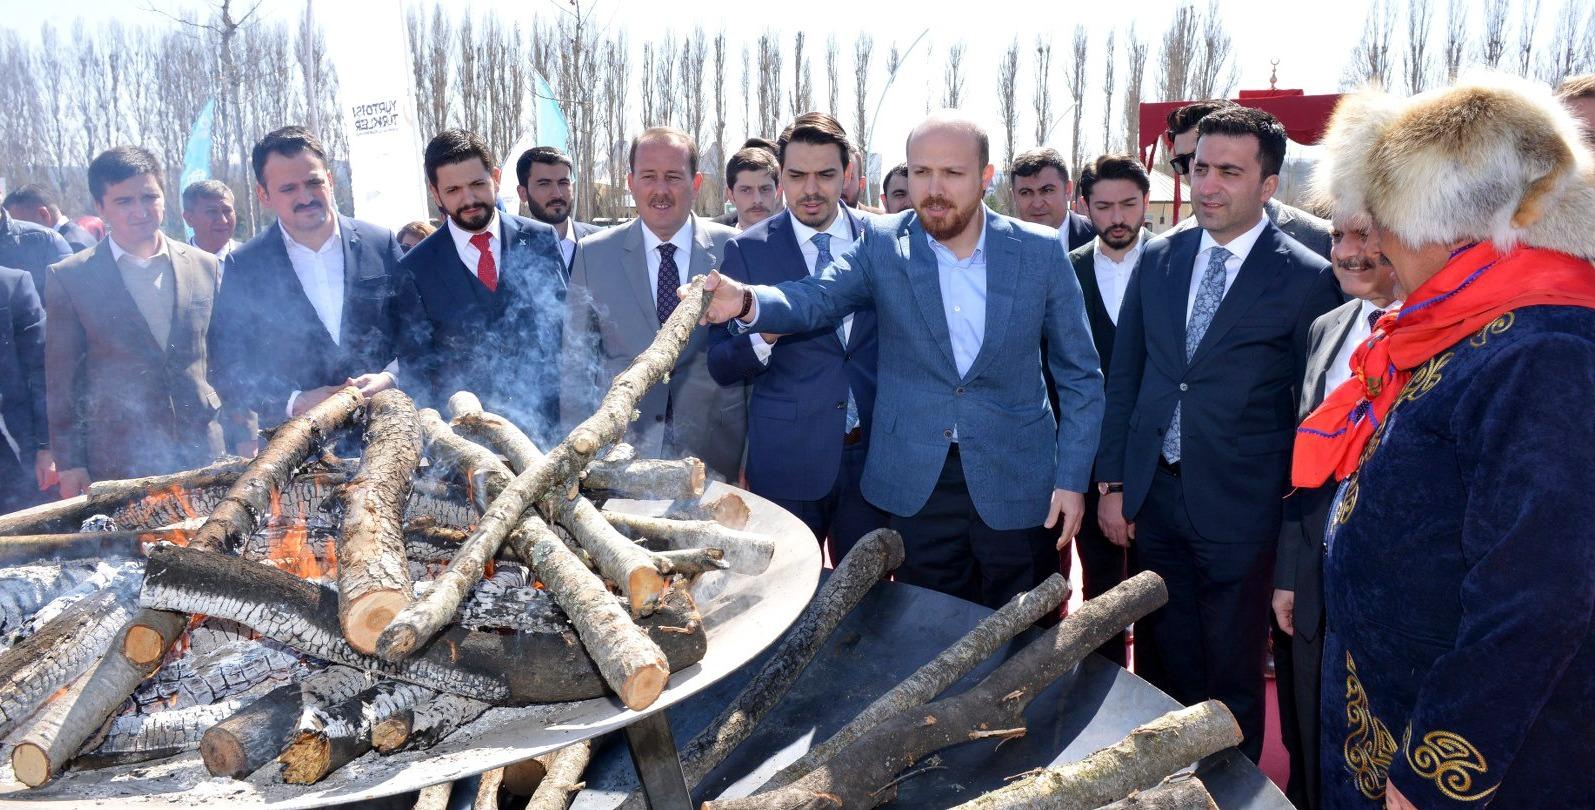 Türkiye Söyleşilerine Dünya Etnospor Konfederasyonu Başkanı Bilal Erdoğan, Konuk Oldu…